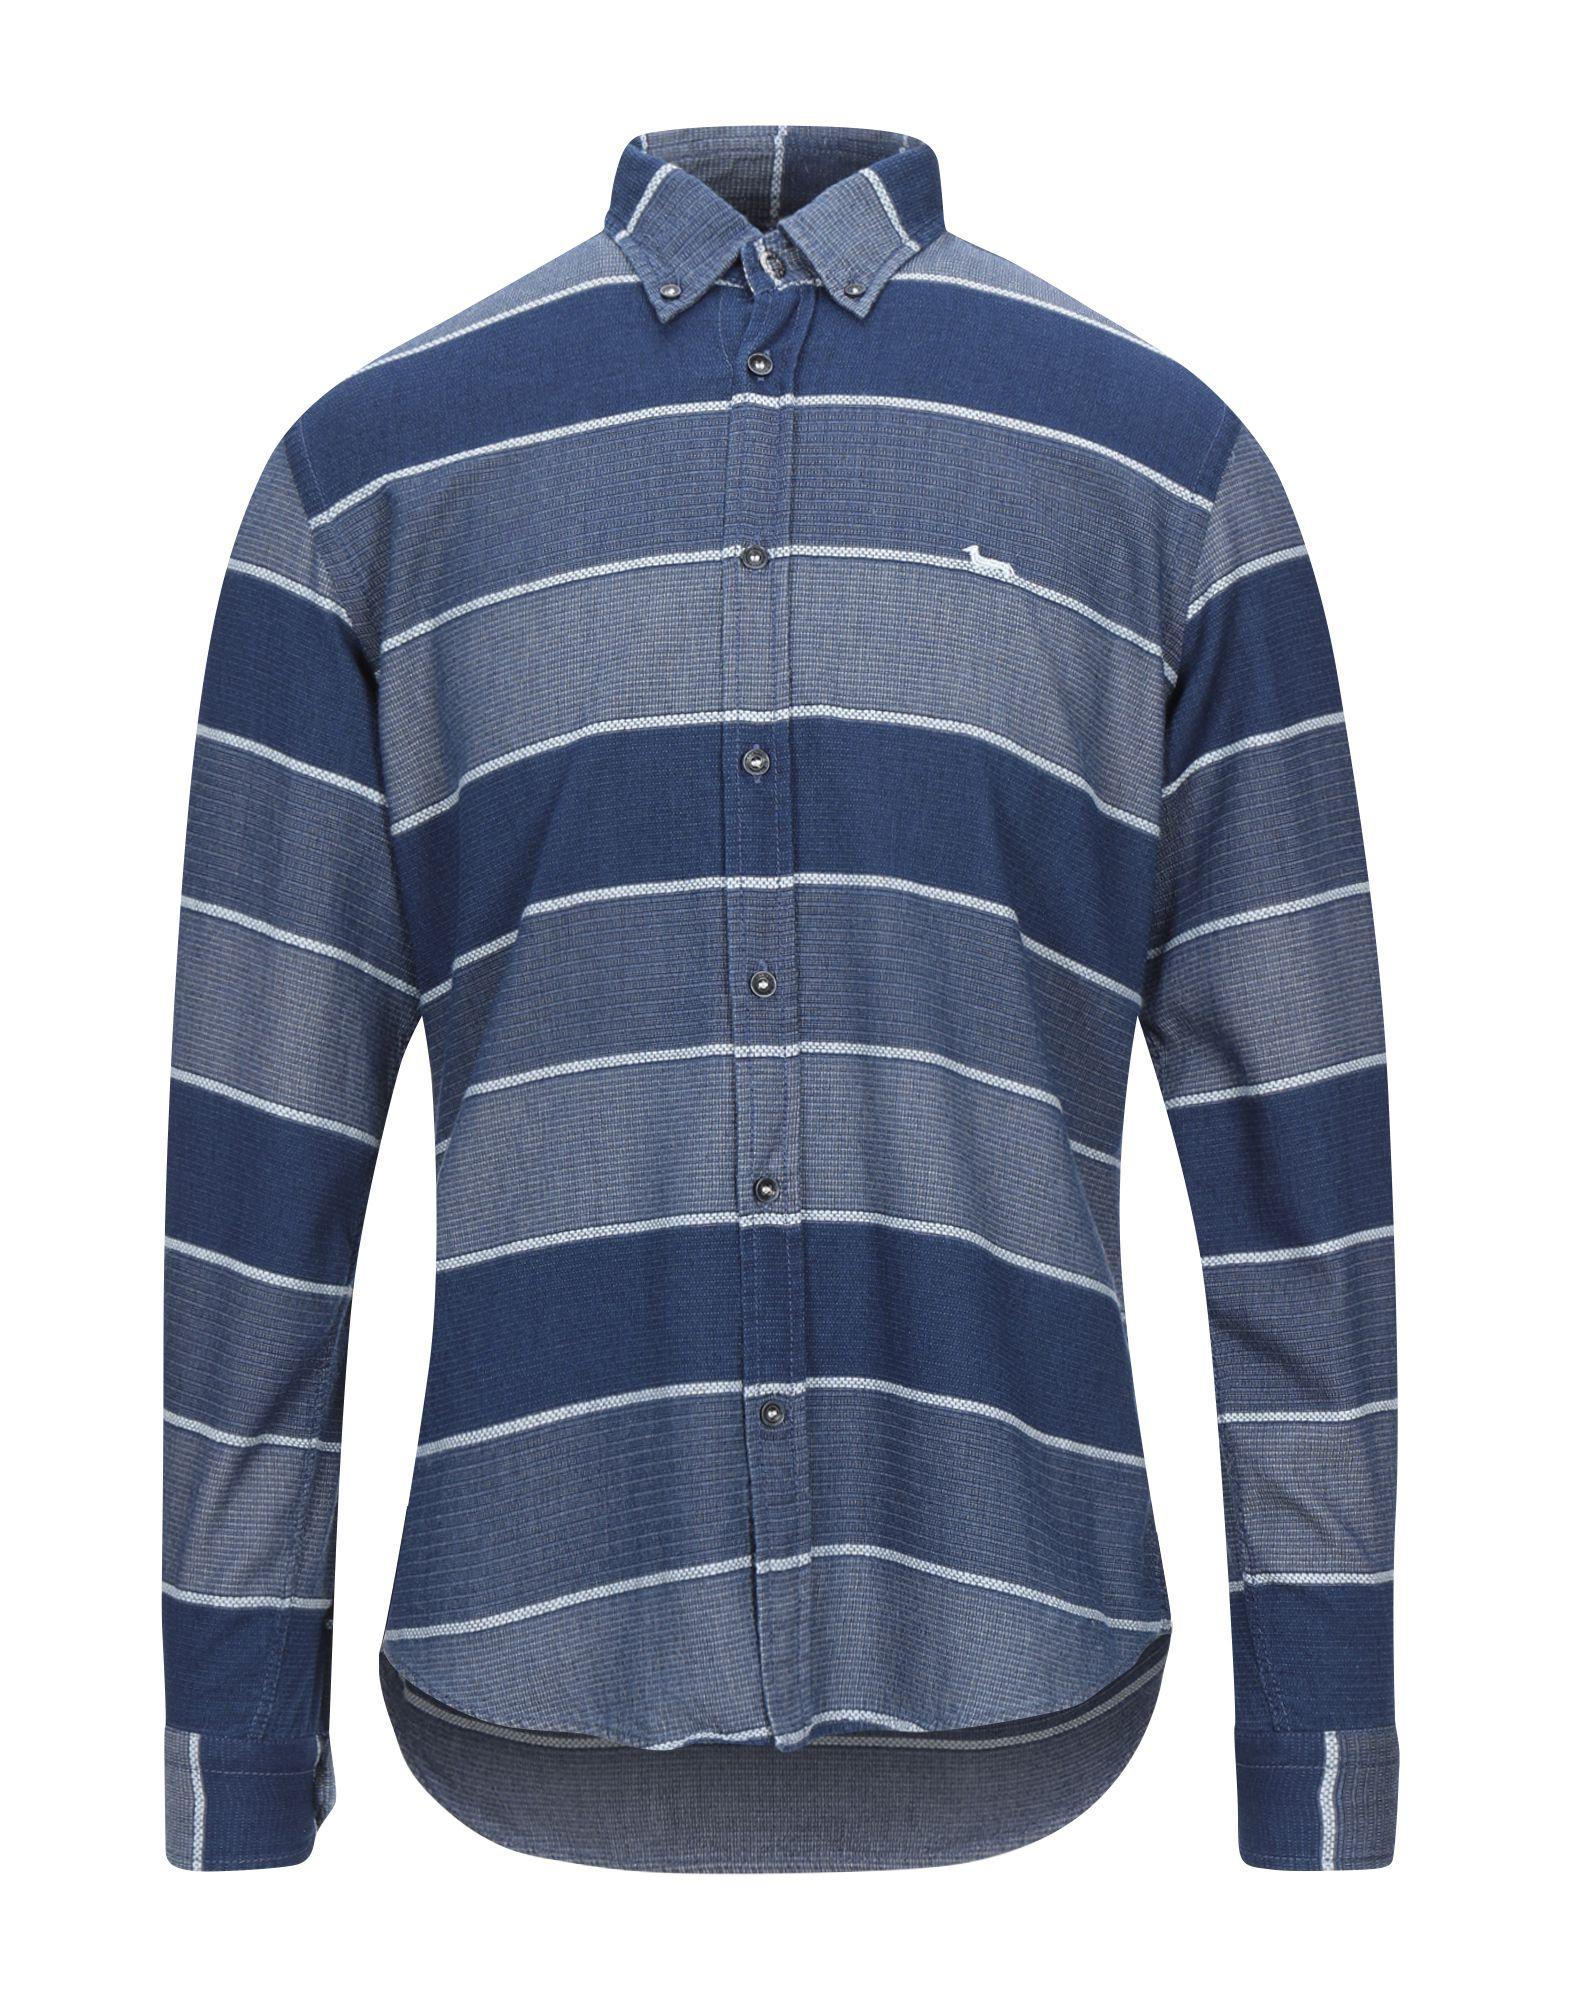 《セール開催中》HARMONT & BLAINE メンズ シャツ ダークブルー L コットン 98% / PES - ポリエーテルサルフォン 2%